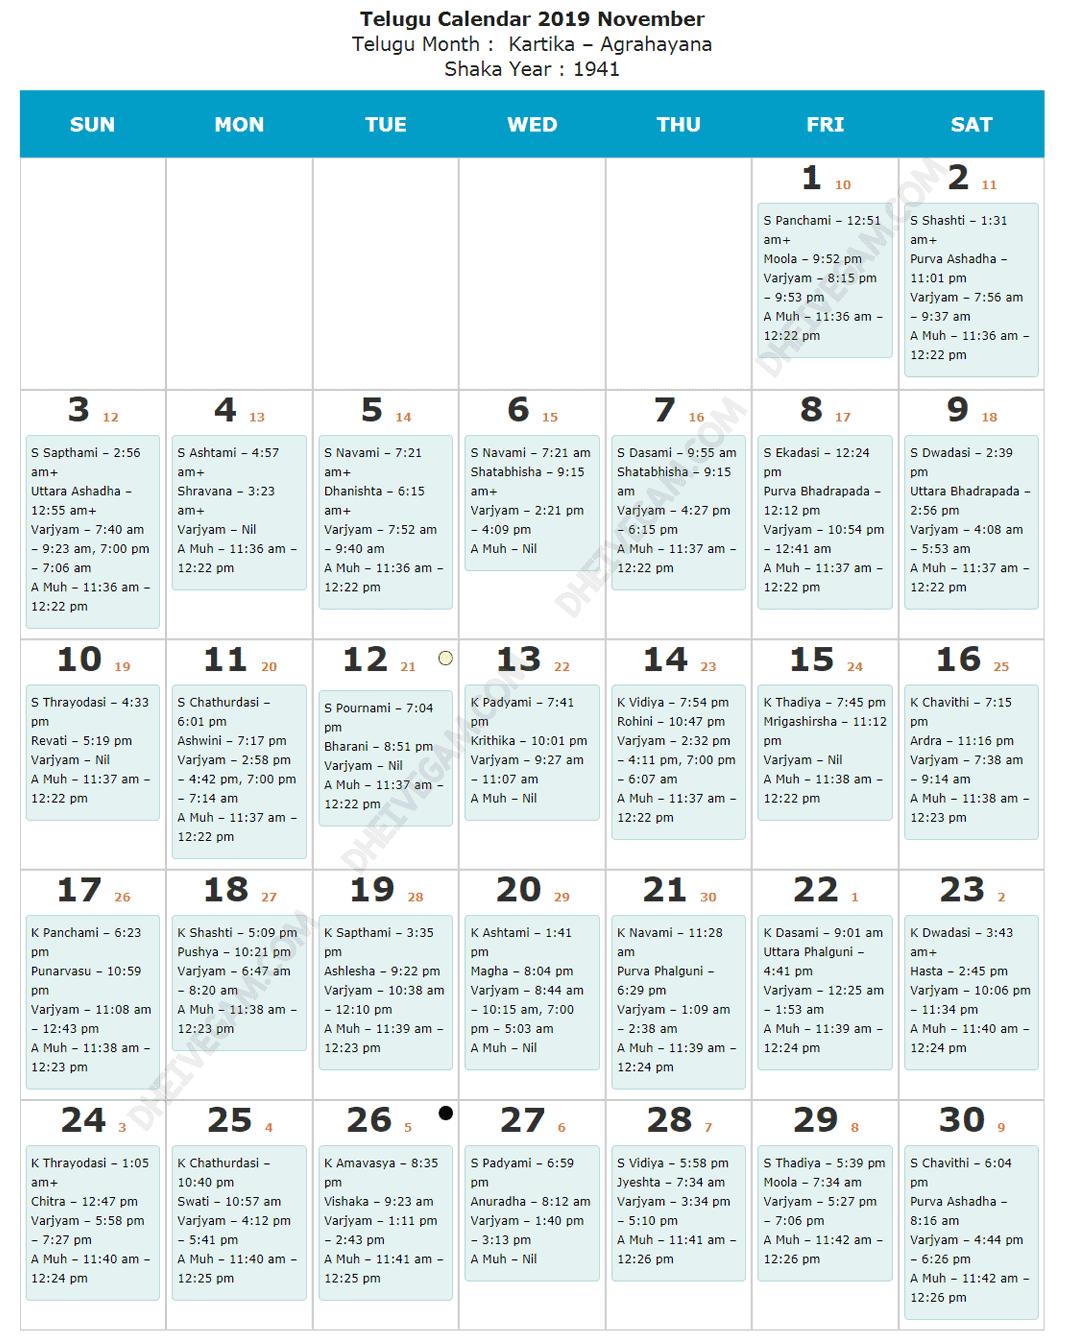 Novemer 2019 Telugu calendar